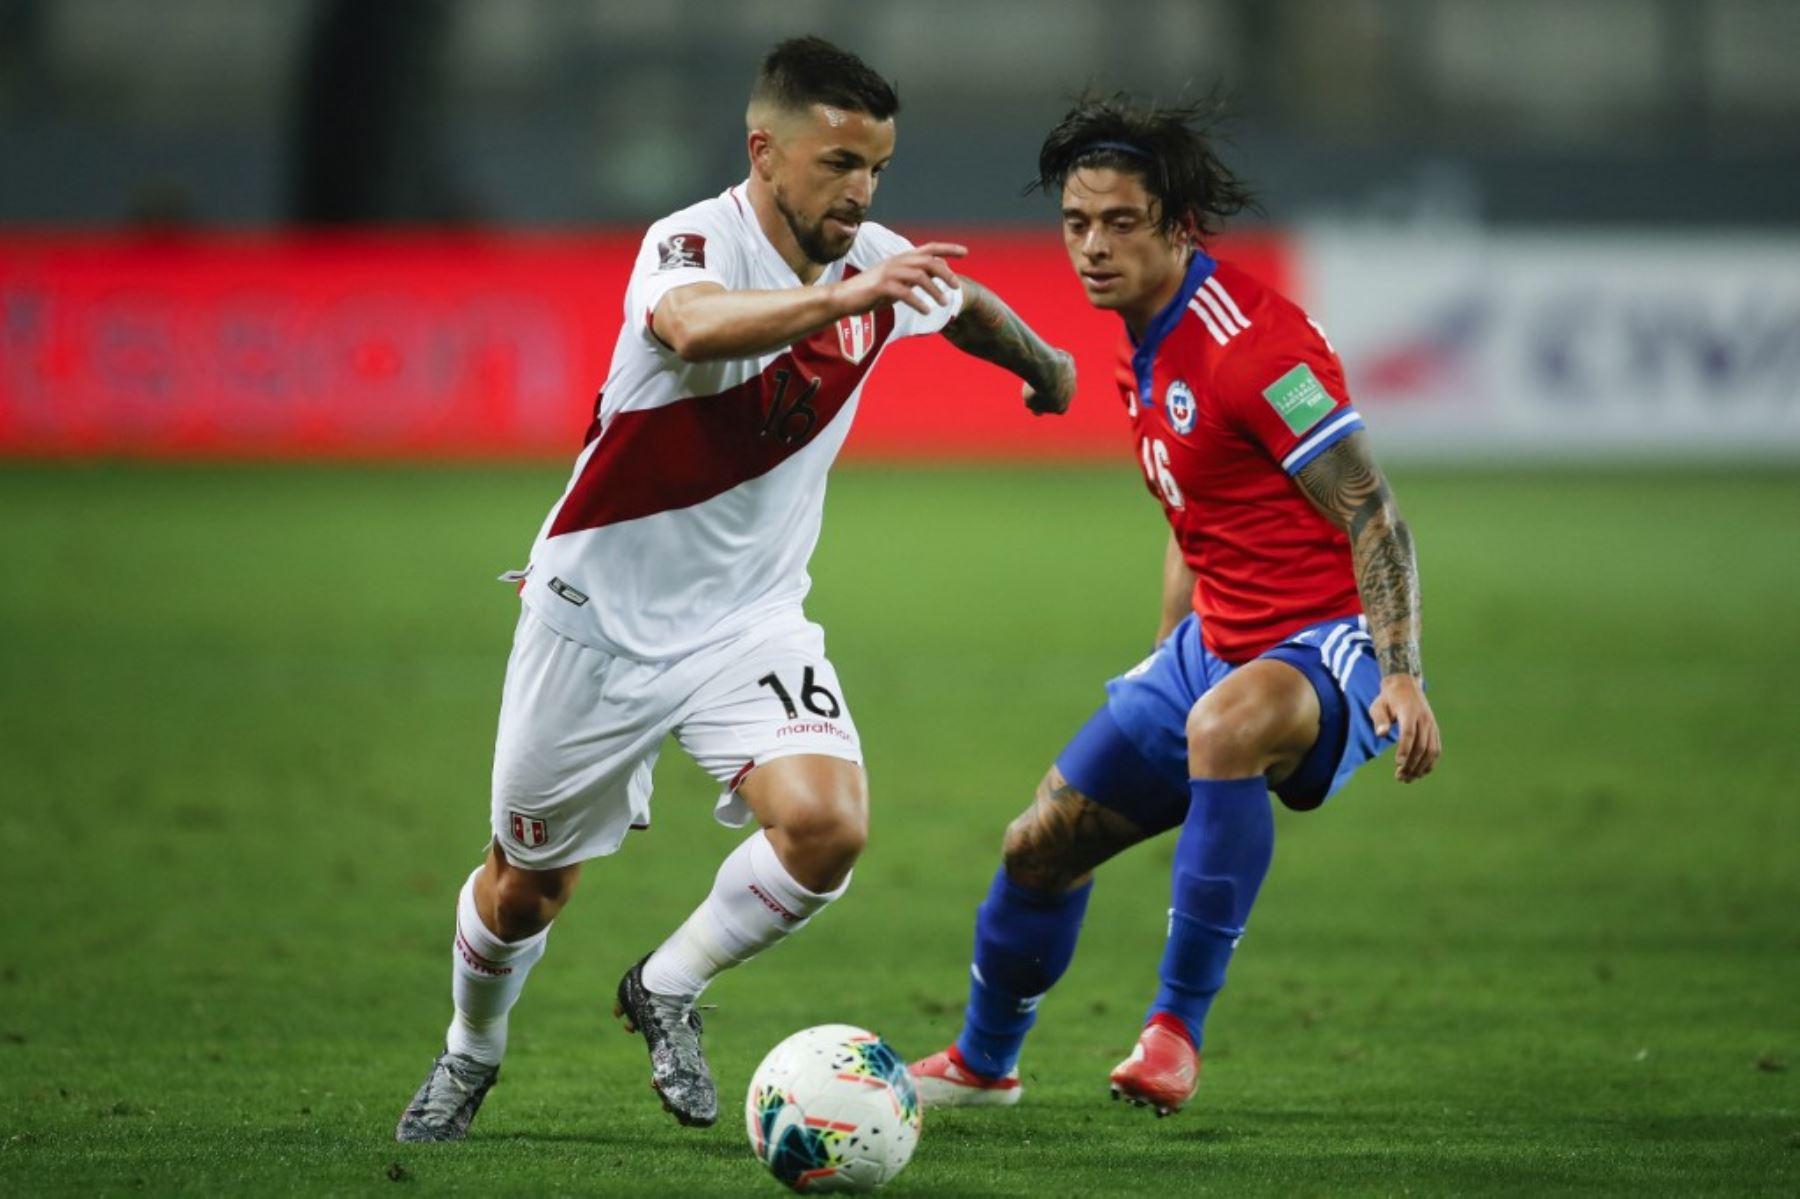 Selección peruana: Gabriel Costa en el equipo titular frente a Bolivia